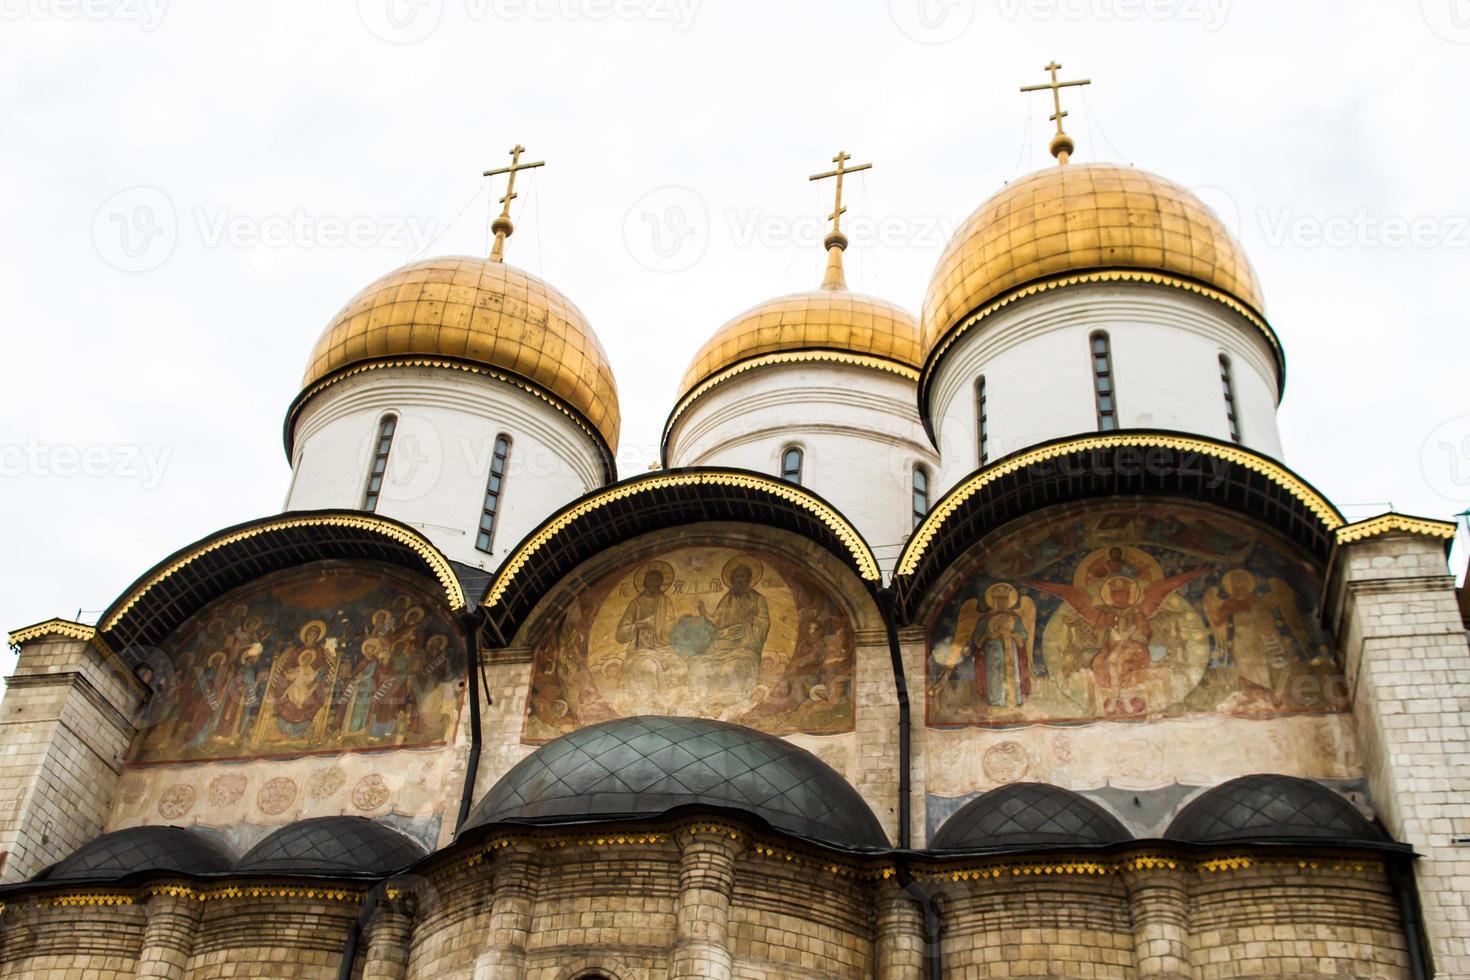 la cathédrale de l'hypothèse photo